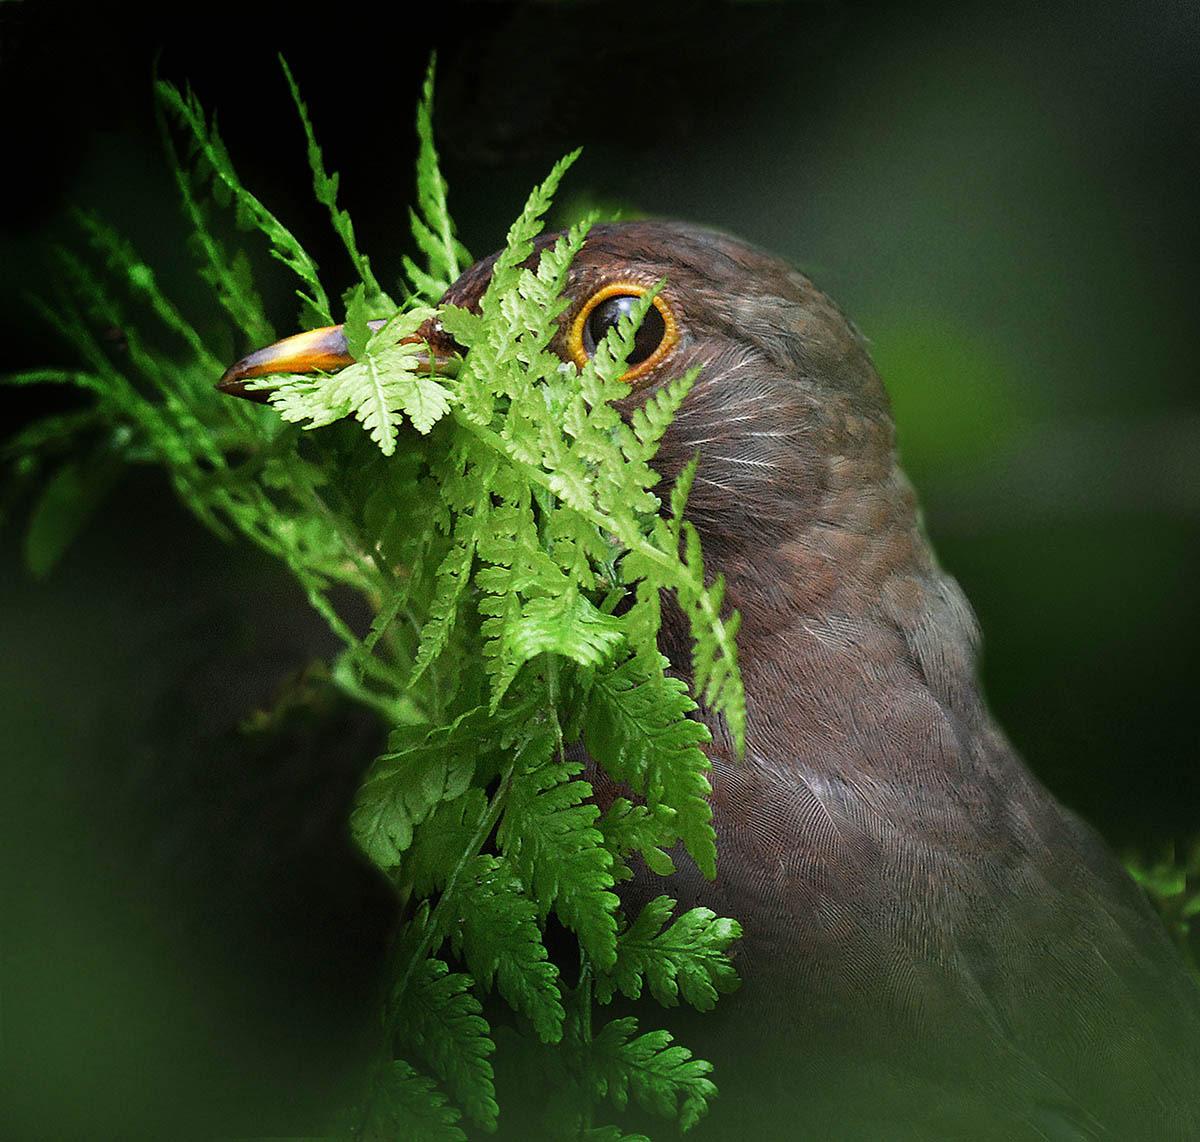 Самка чёрного дрозда, © Алан Прайс, 1-е место, Фотоконкурс «Международный садовый фотограф года»